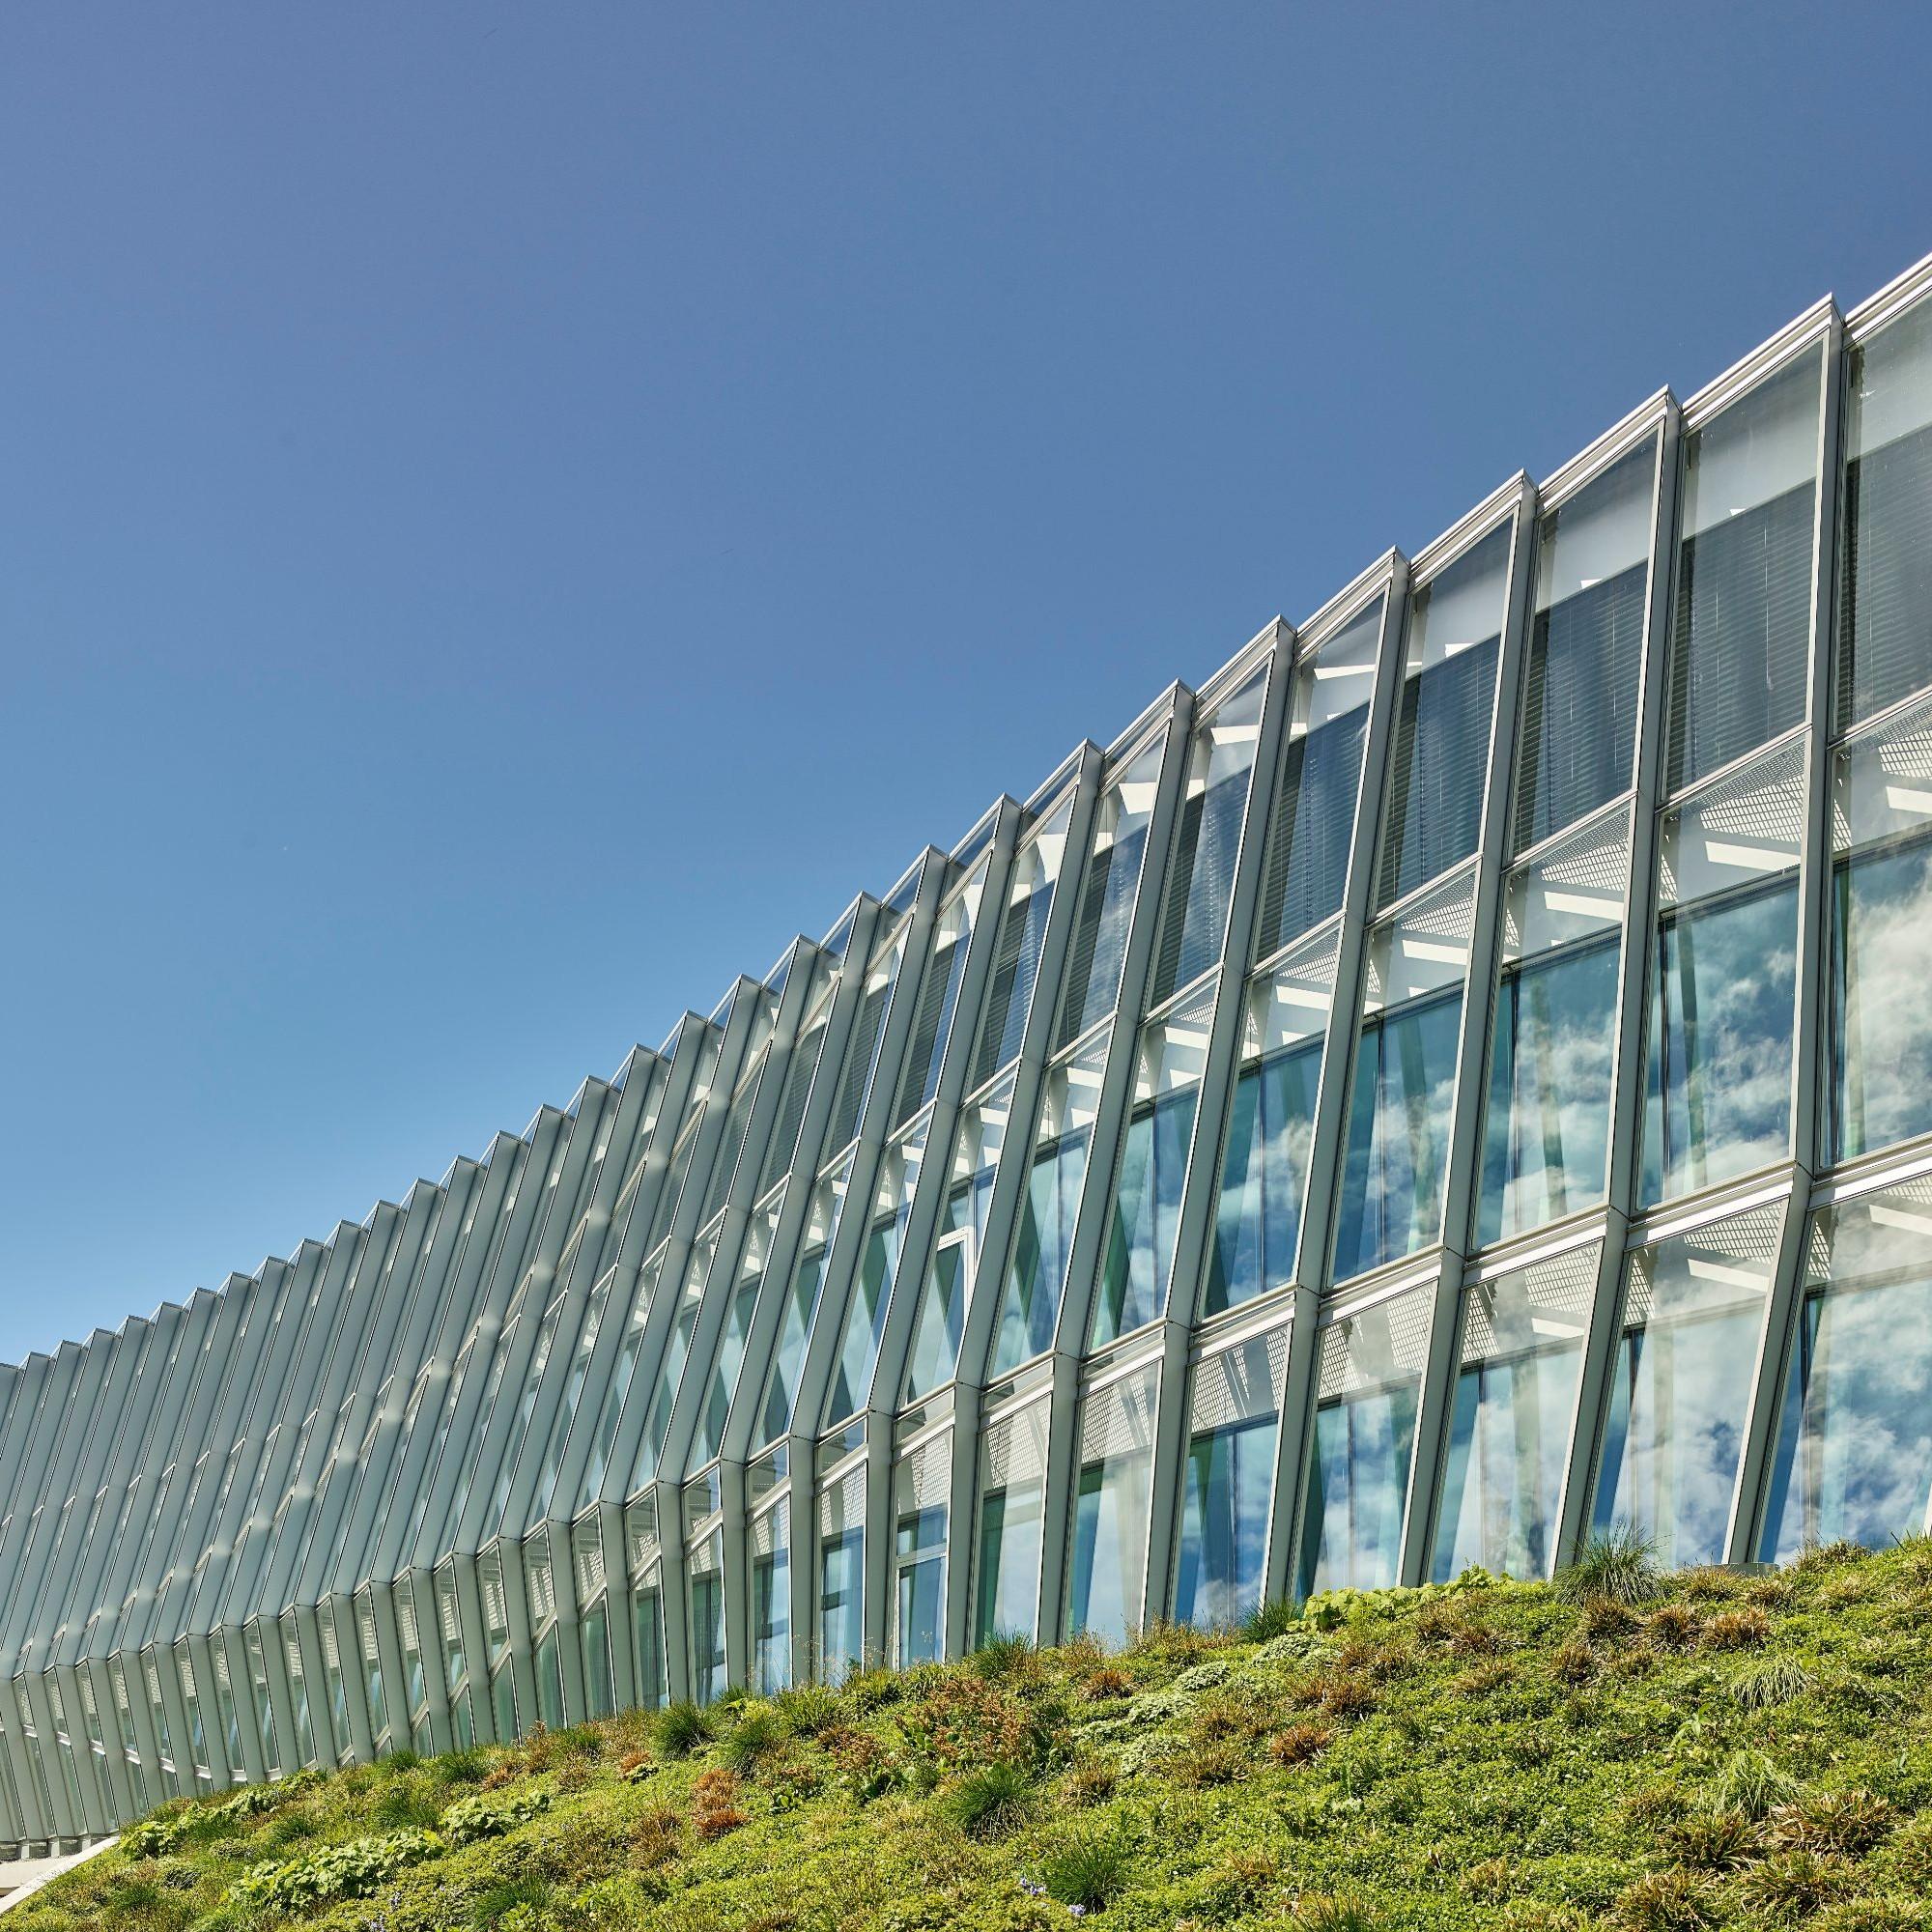 Die gewellte Glasfassade des Gebäudes scheint sich dauernd zu bewegen.